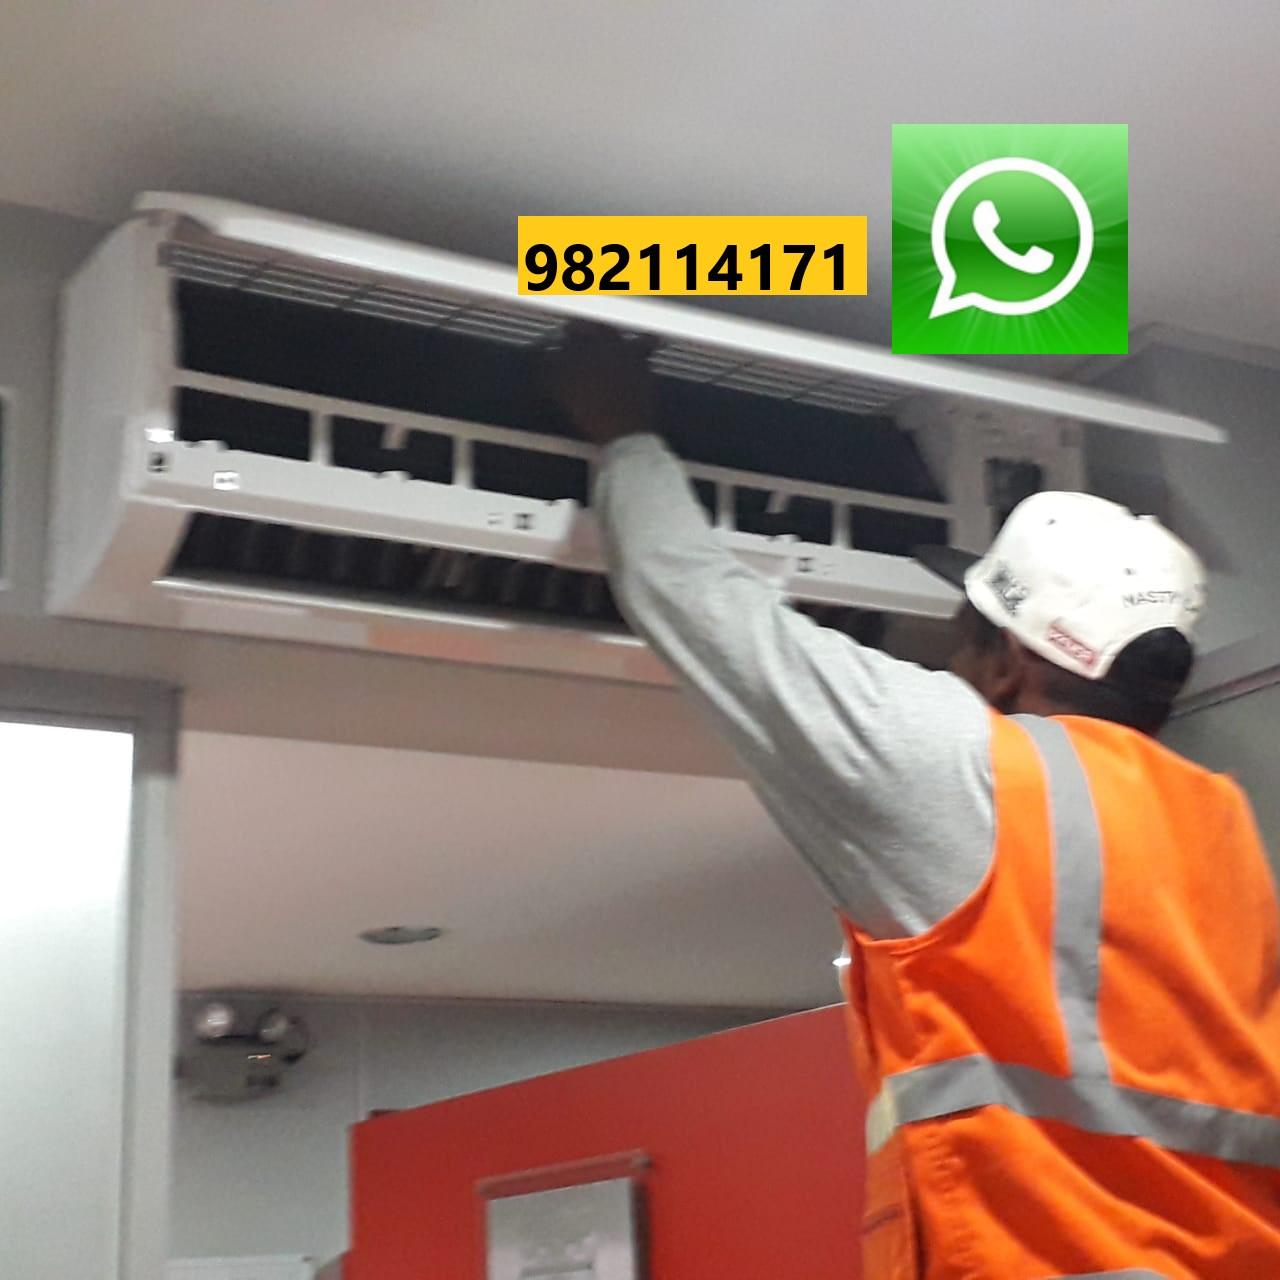 Mantenimiento é Instalación de Aire Acondicionado en San isidro, Miraflores